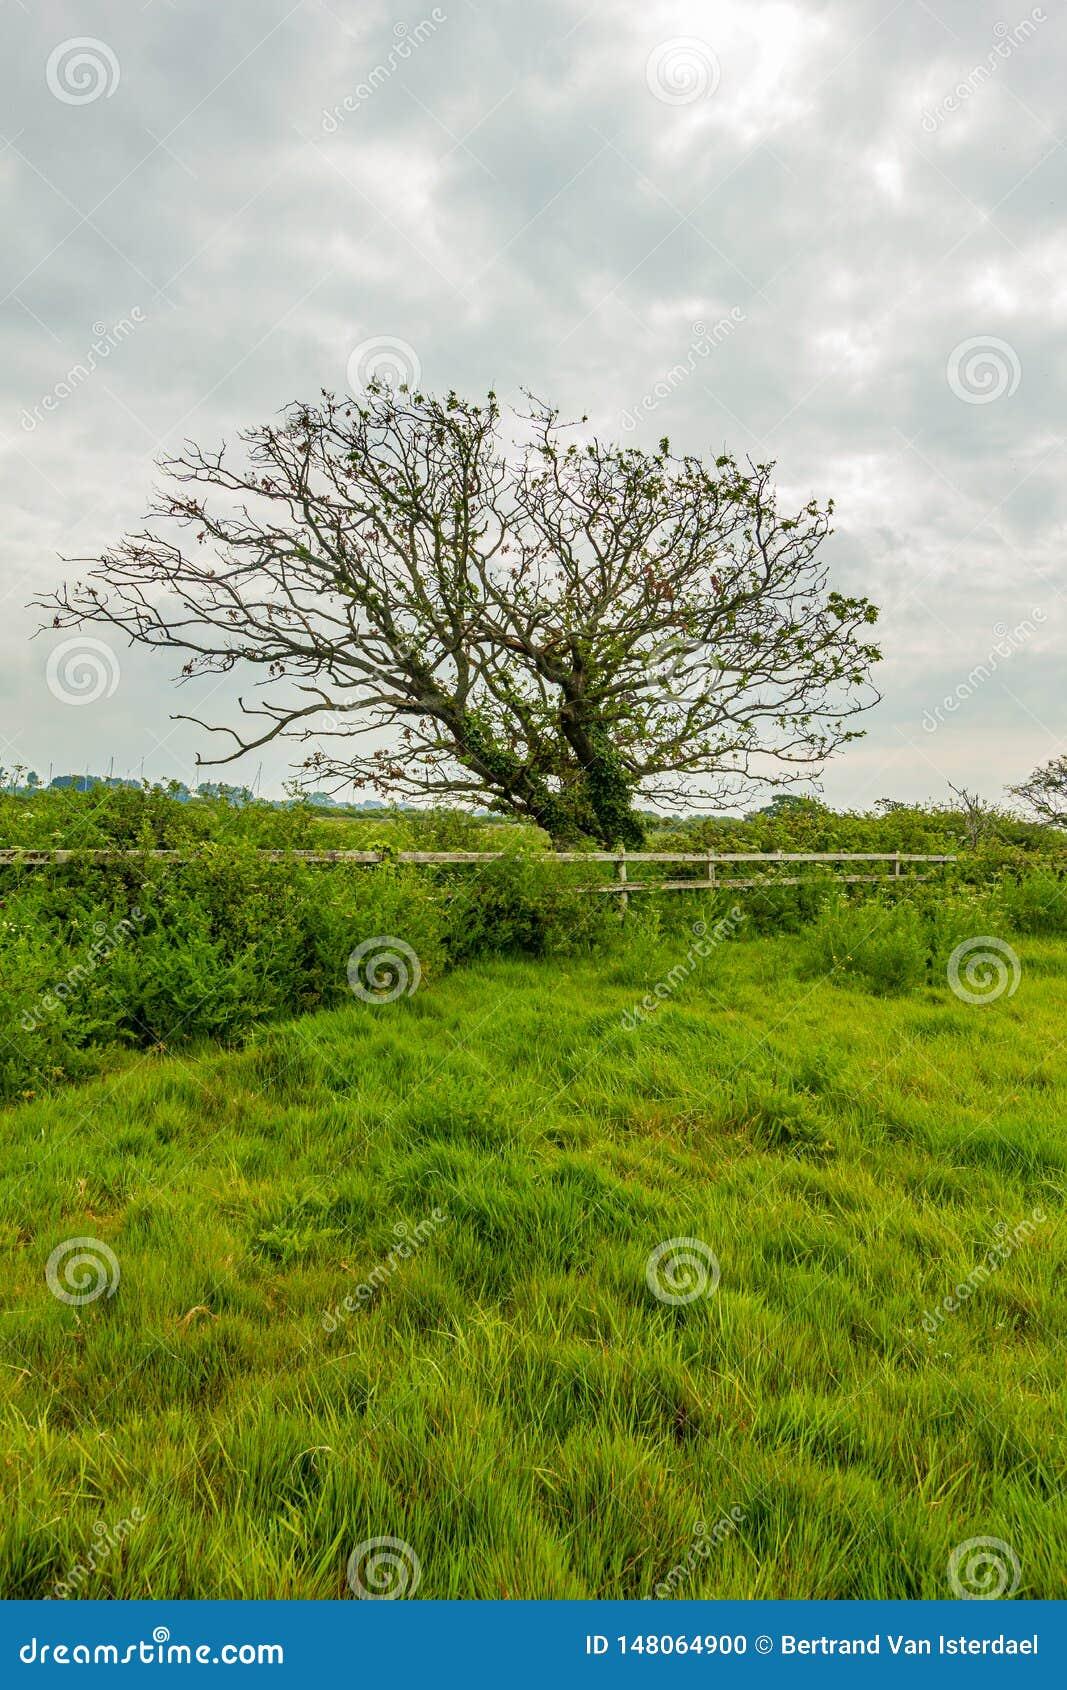 Una vista di un albero del fiore lungo un recinto di legno con erba e vegetazione verde sotto un cielo nuvoloso bianco